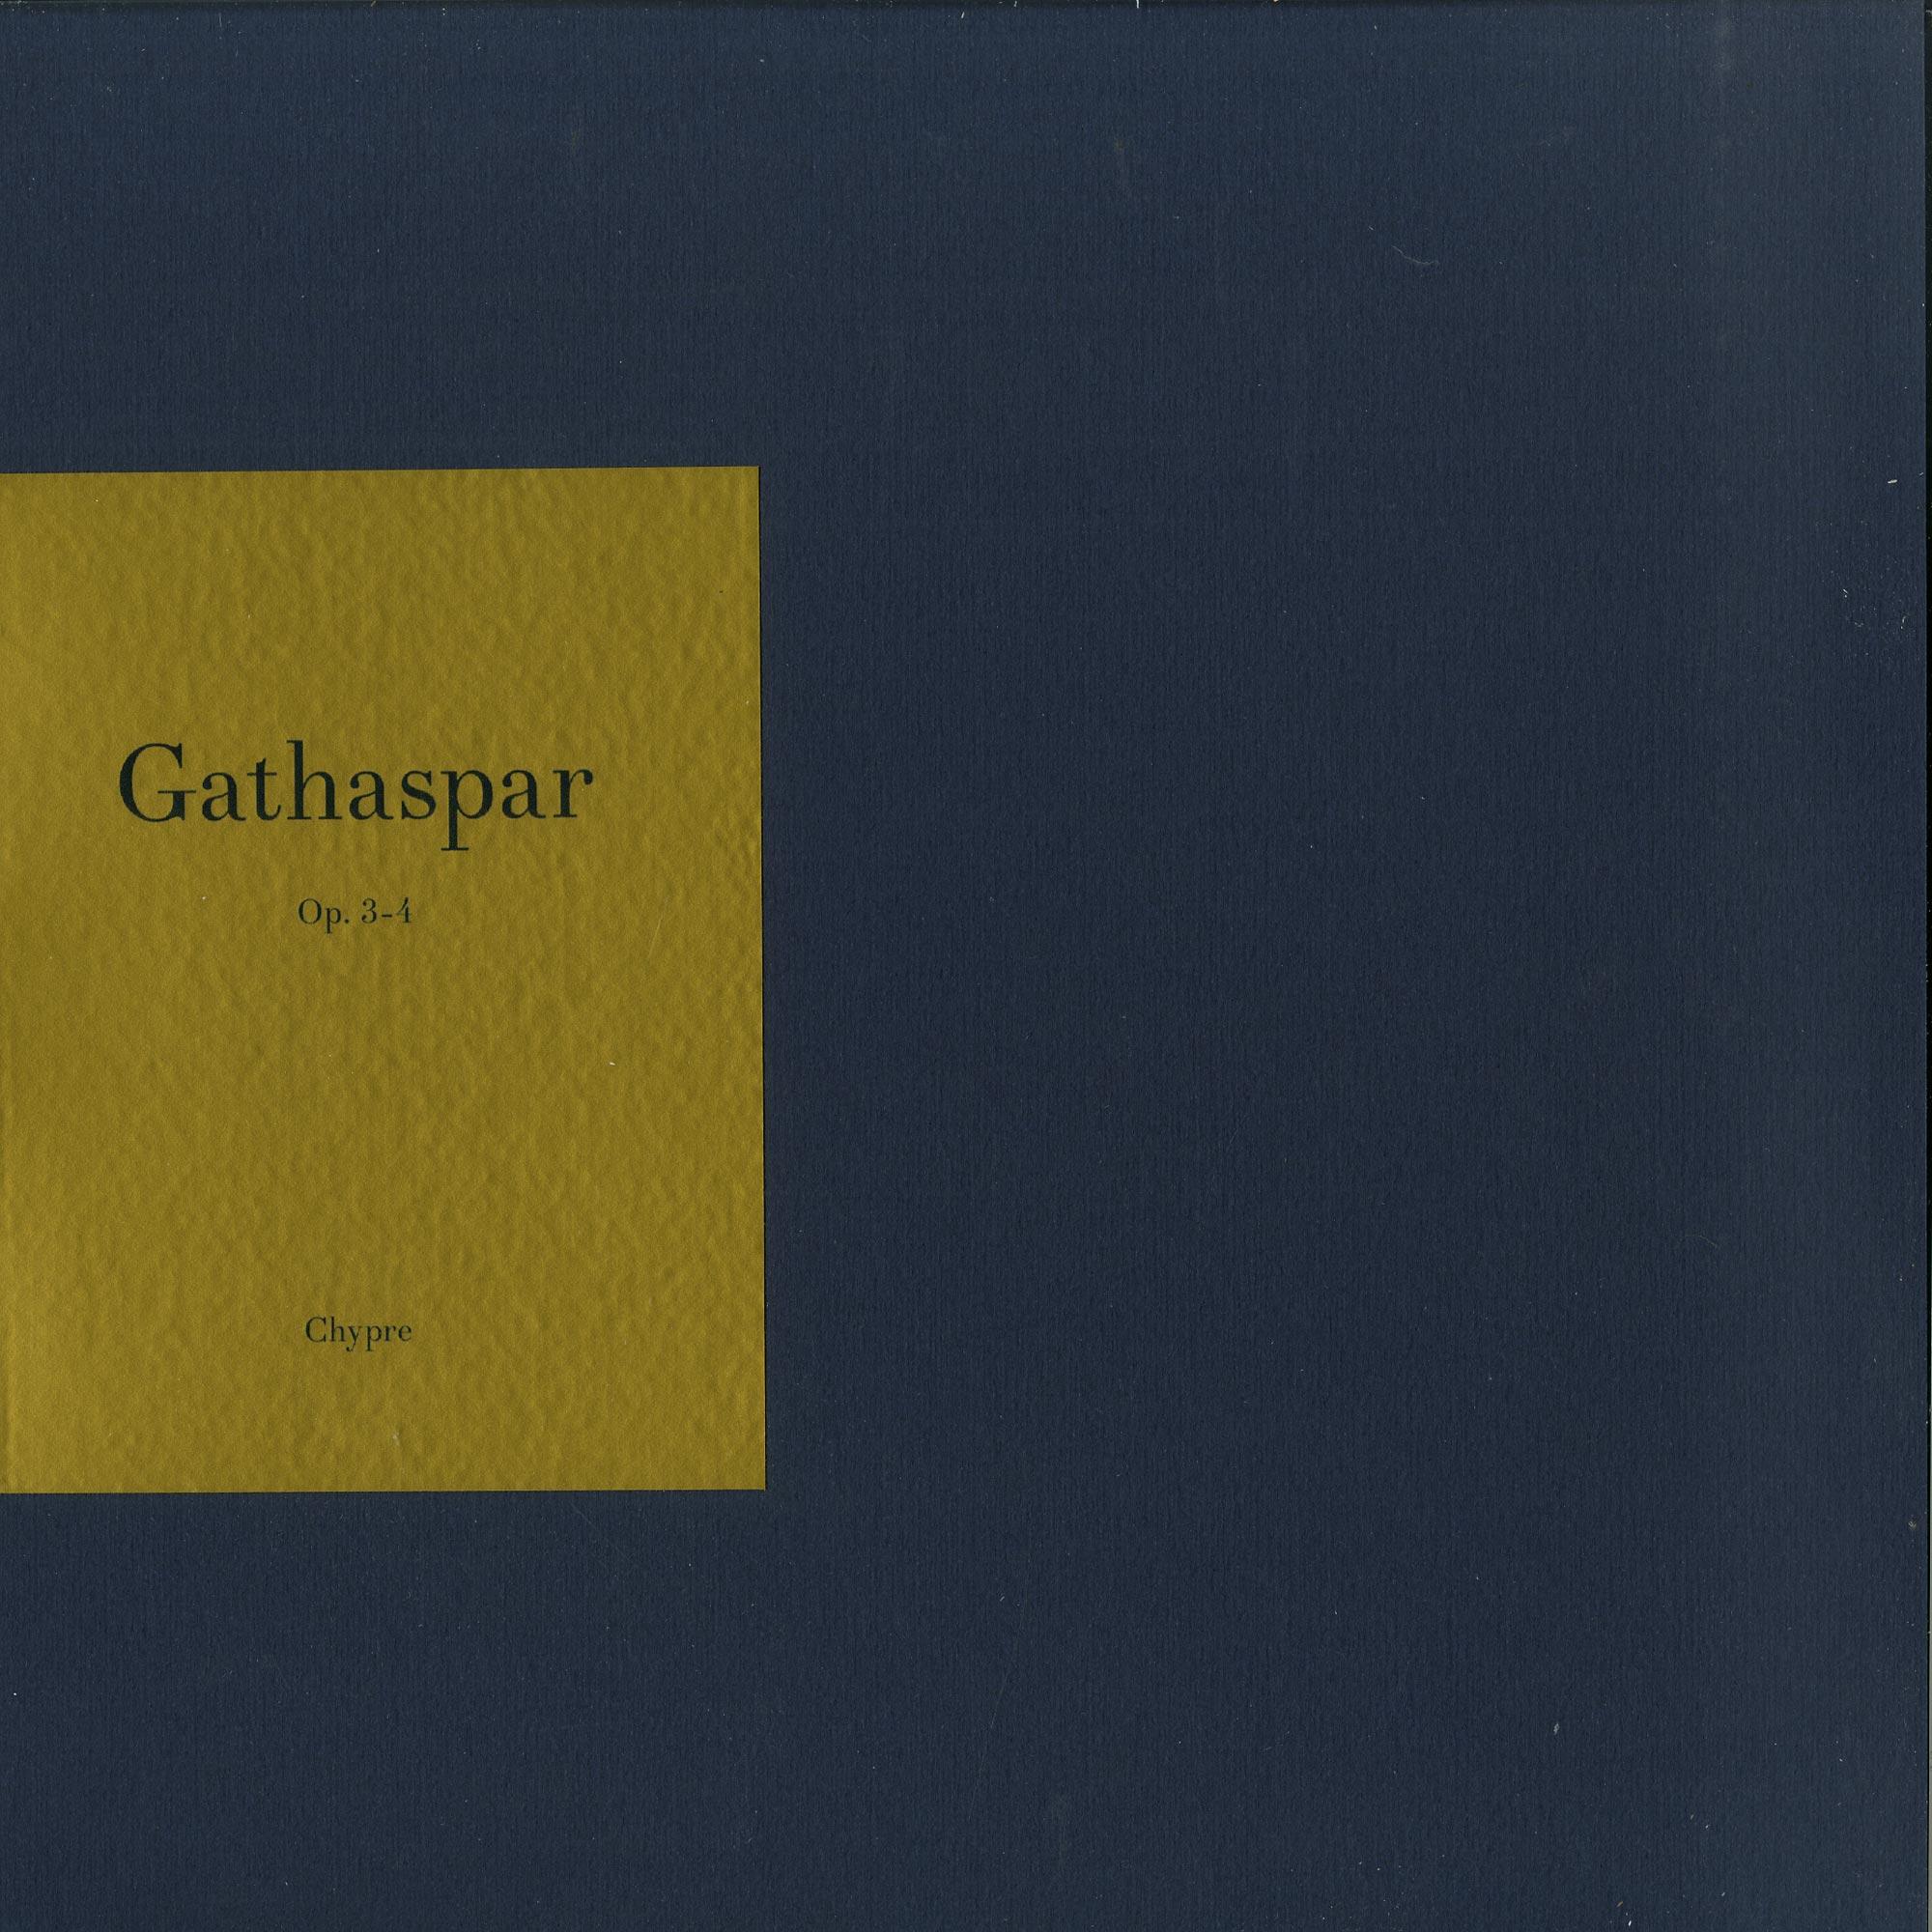 Gathaspar - OP. 3, 4